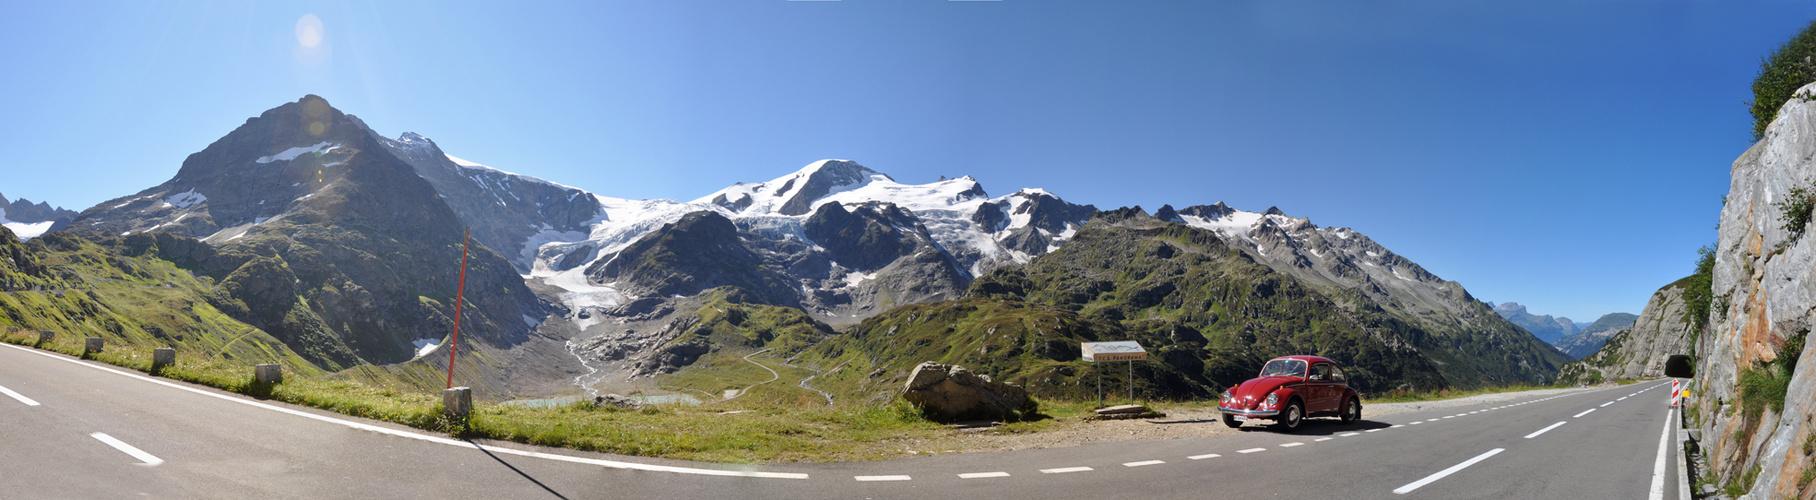 Steingletscher am Susten